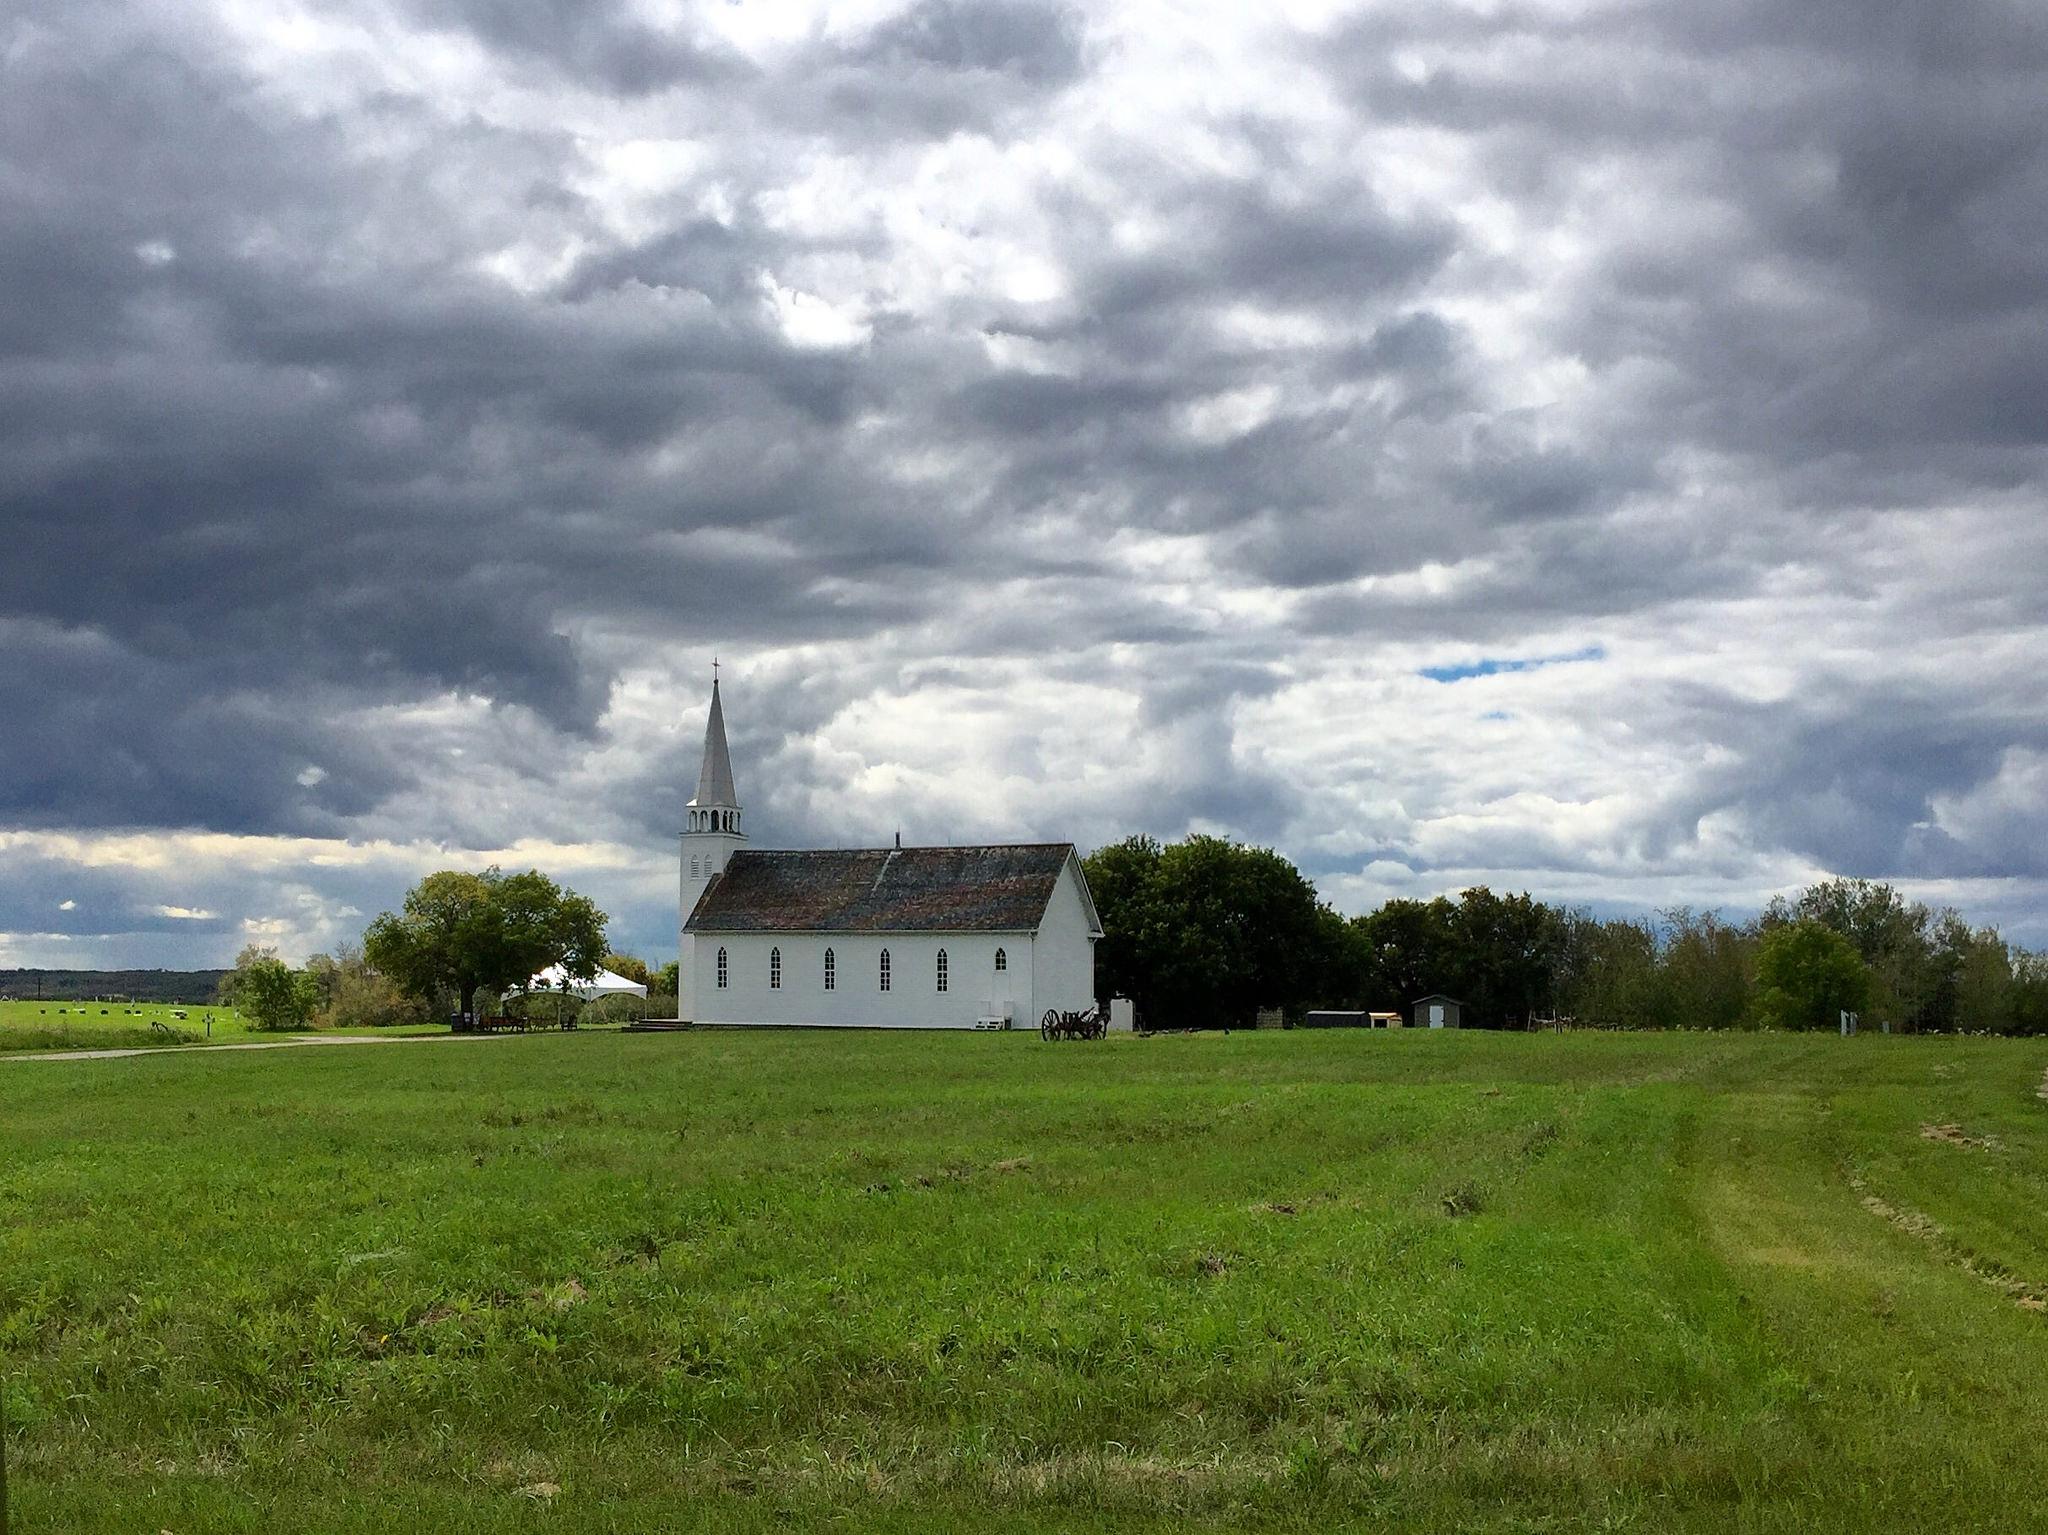 the church at Batoche